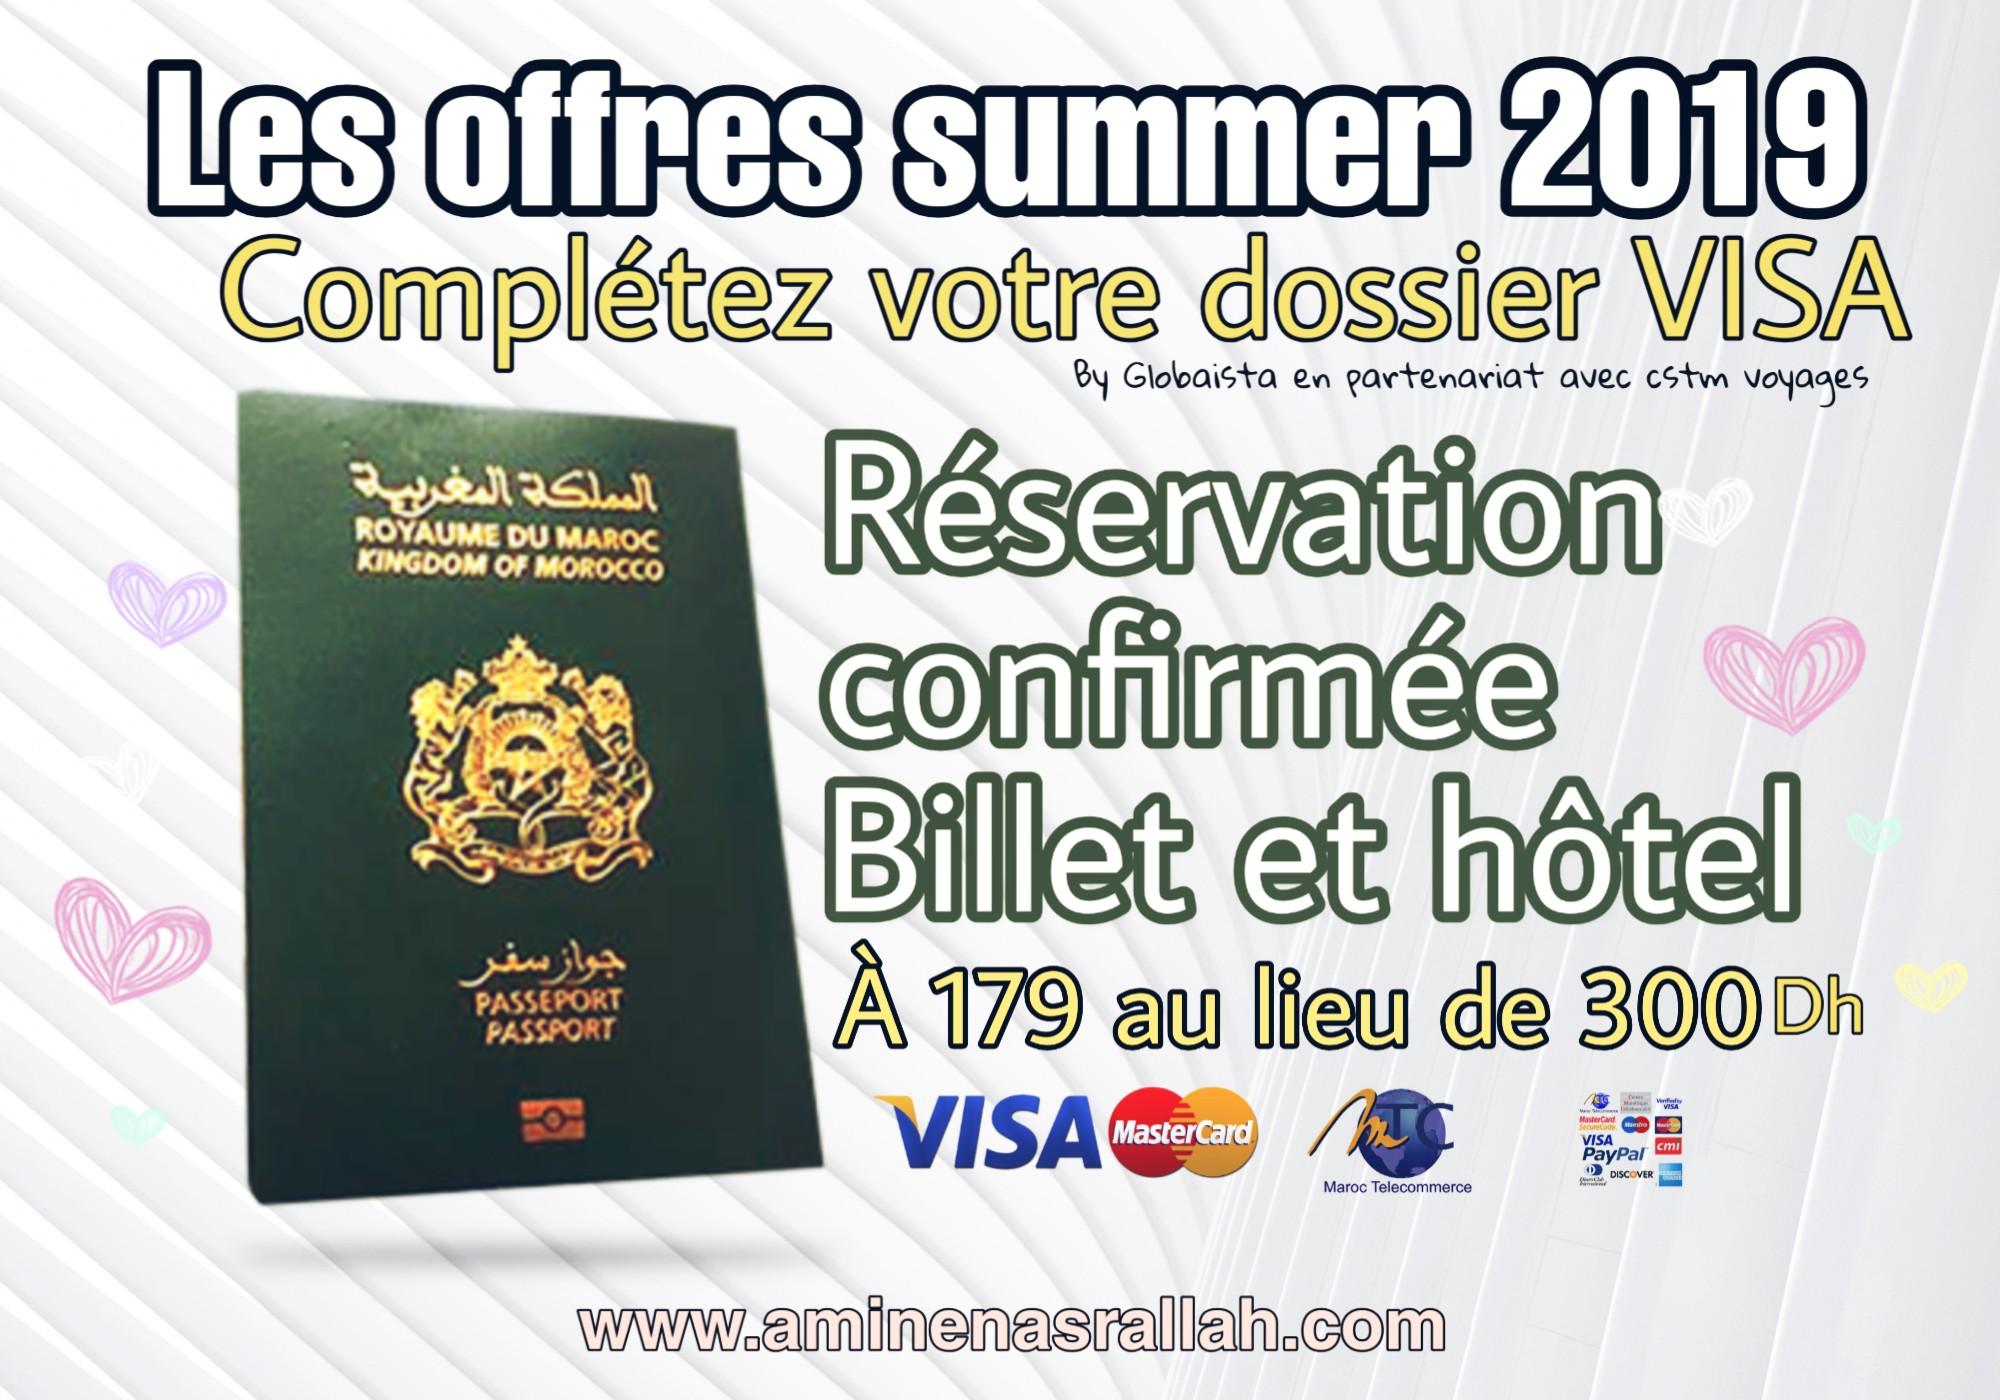 Réservation Confirmée de Billet et Hôtel pour Visa Etudiant et autres.